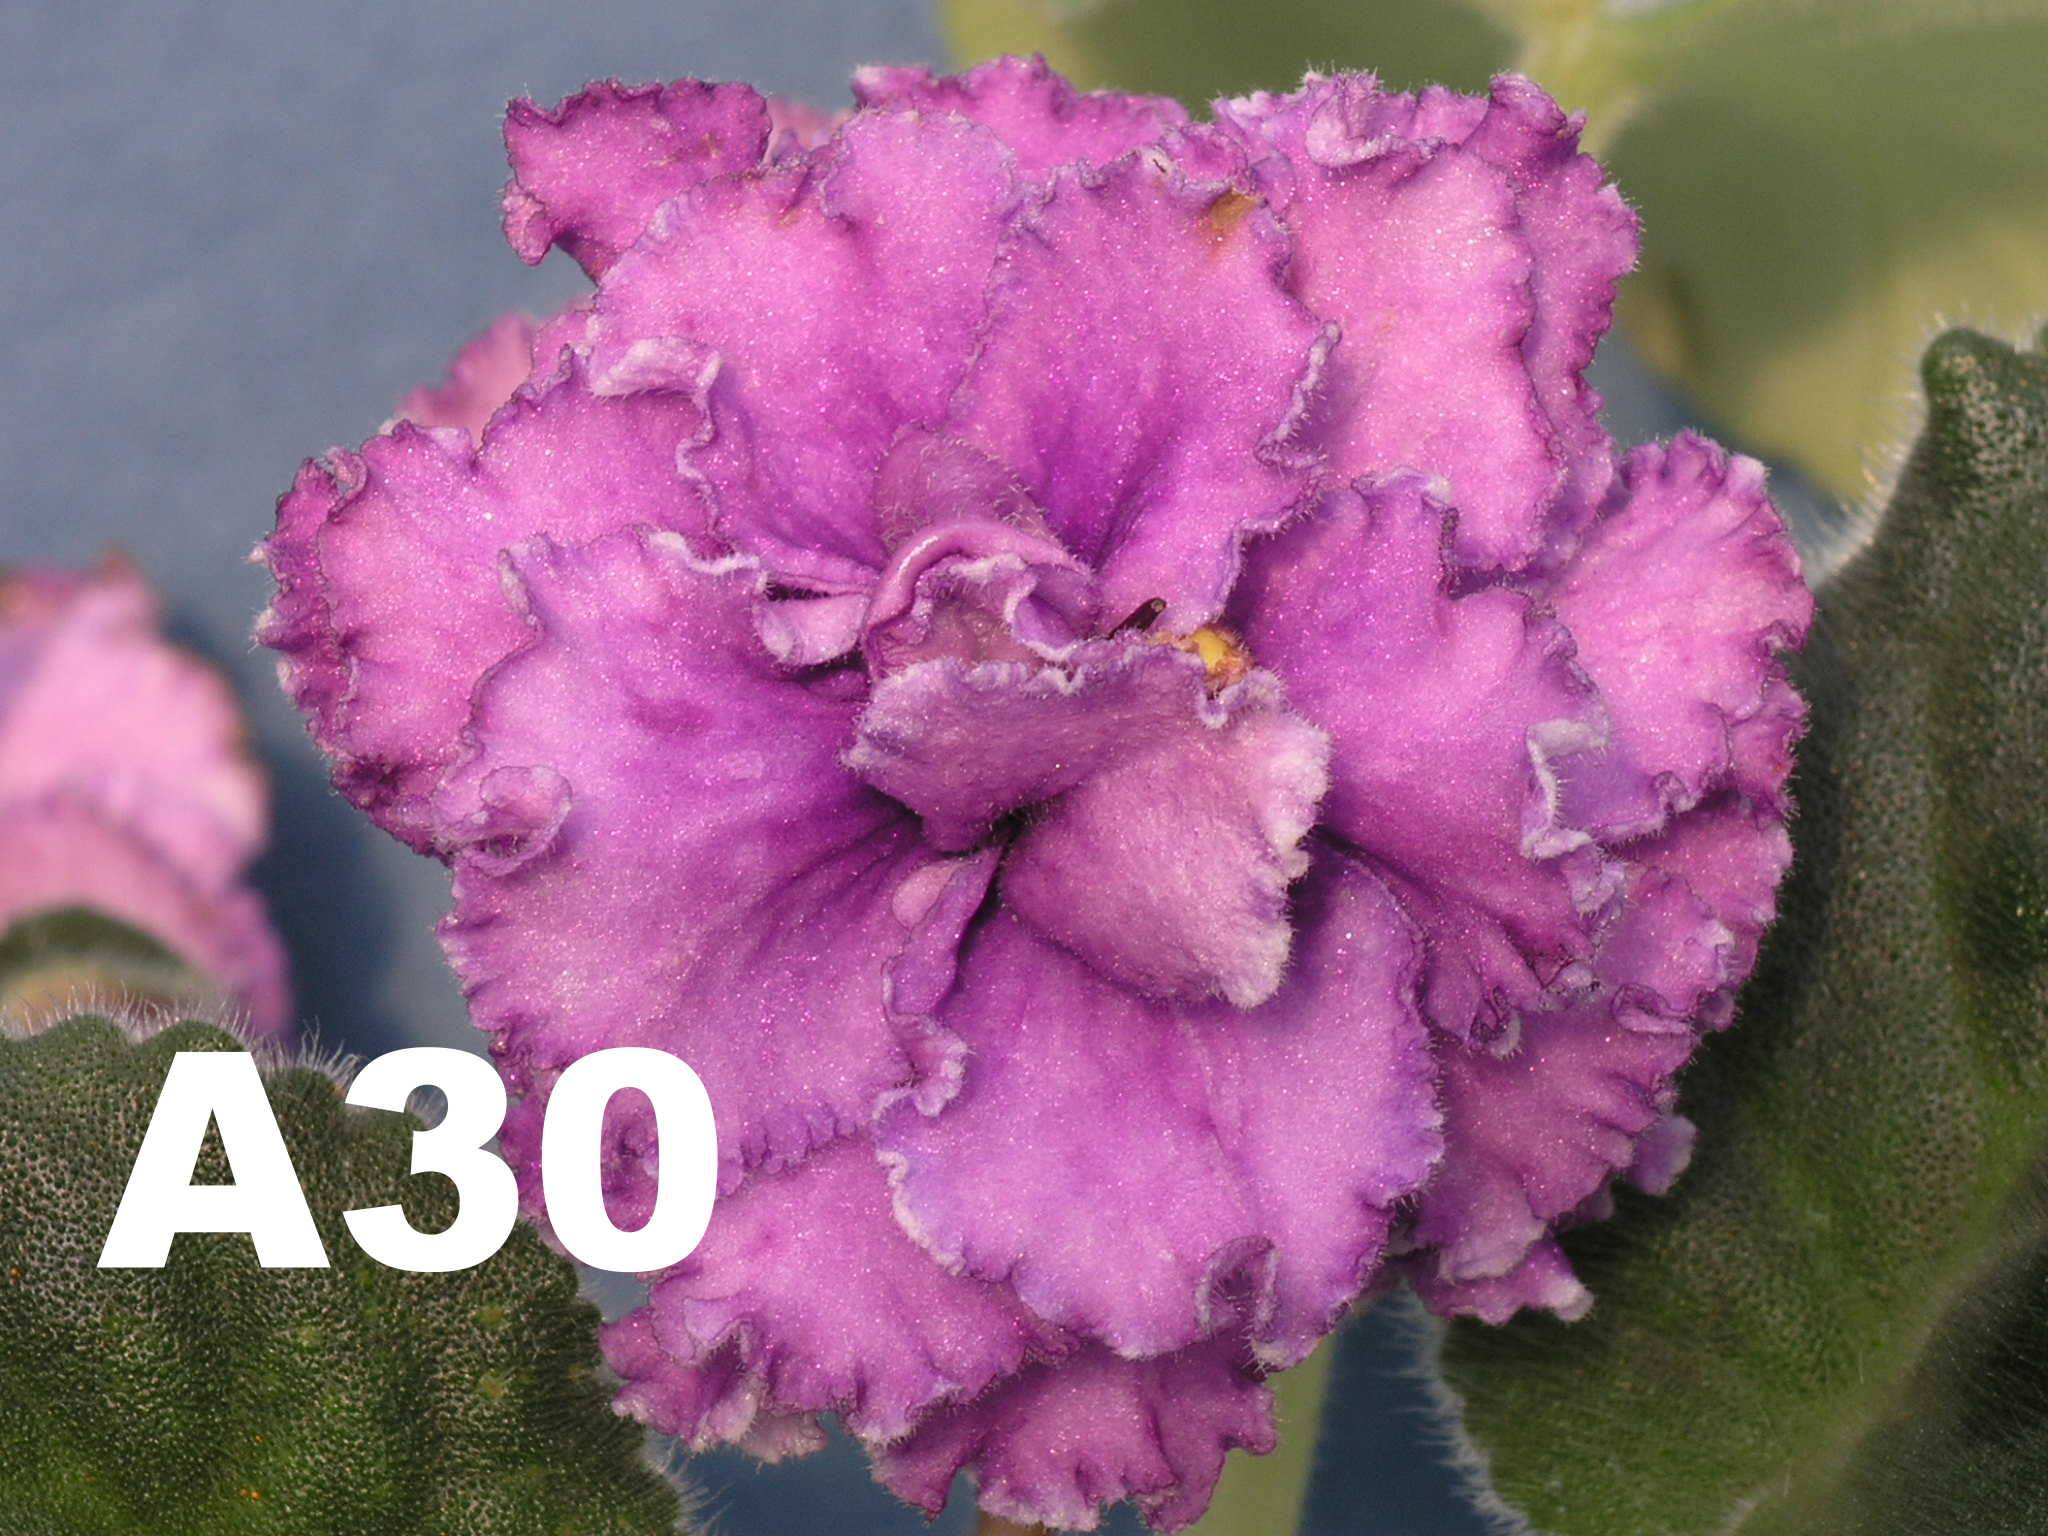 非洲紫羅蘭名錄 | African Violets Catalogue - A系列 A30